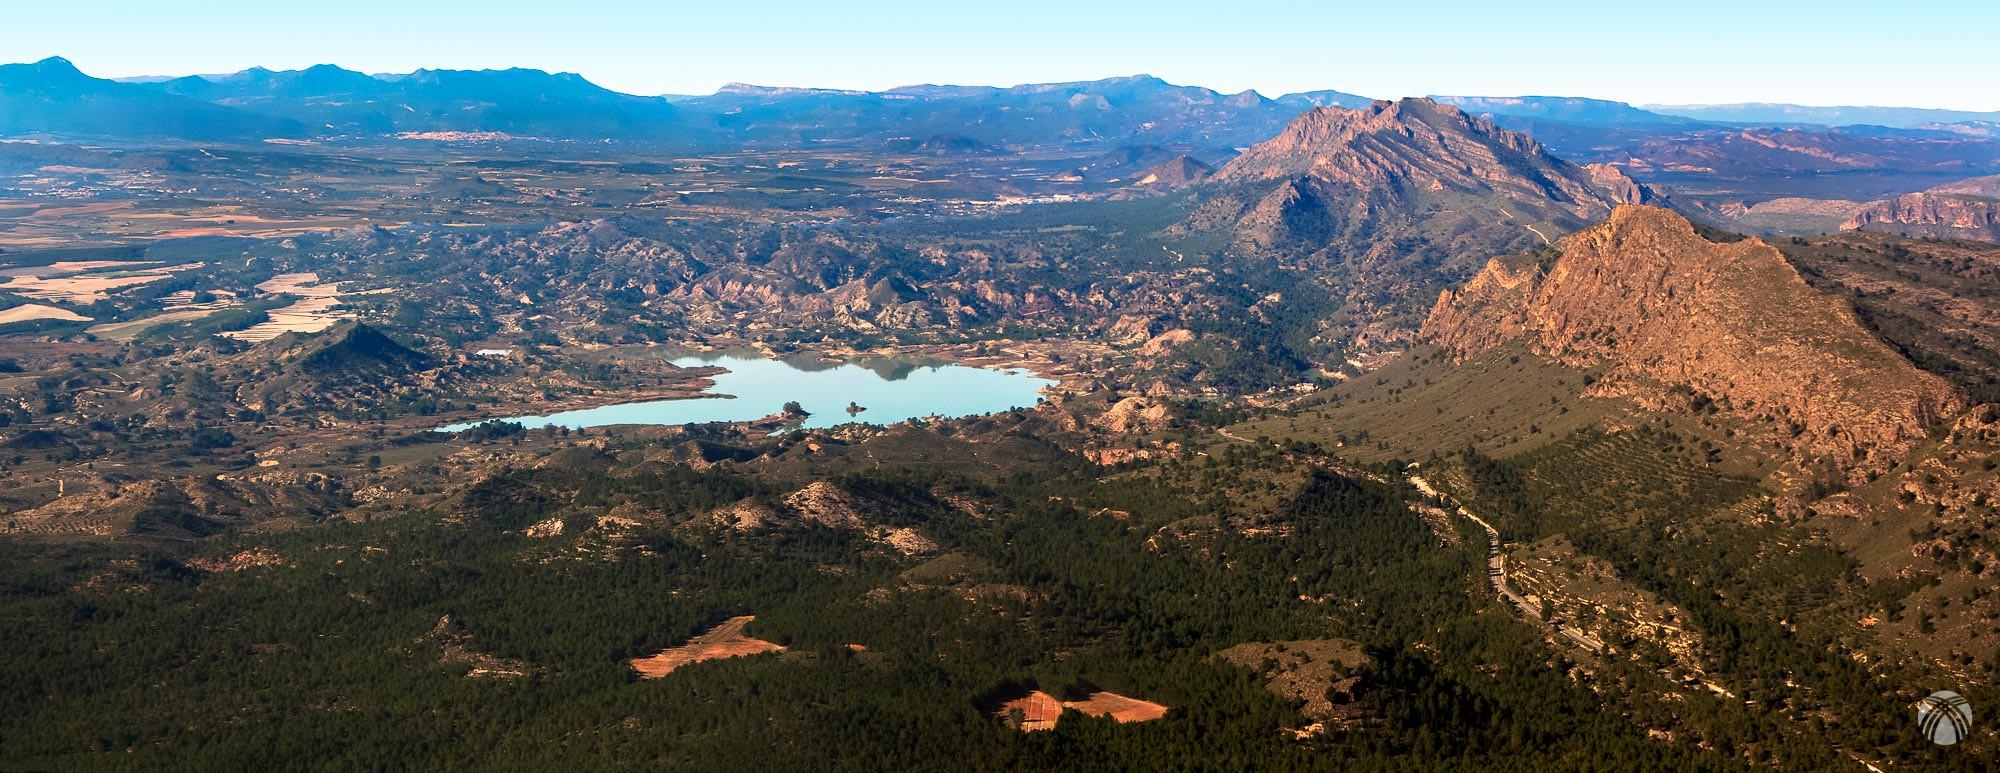 Panorama del embalse del Quípar y las sierras del Molino y la Palera